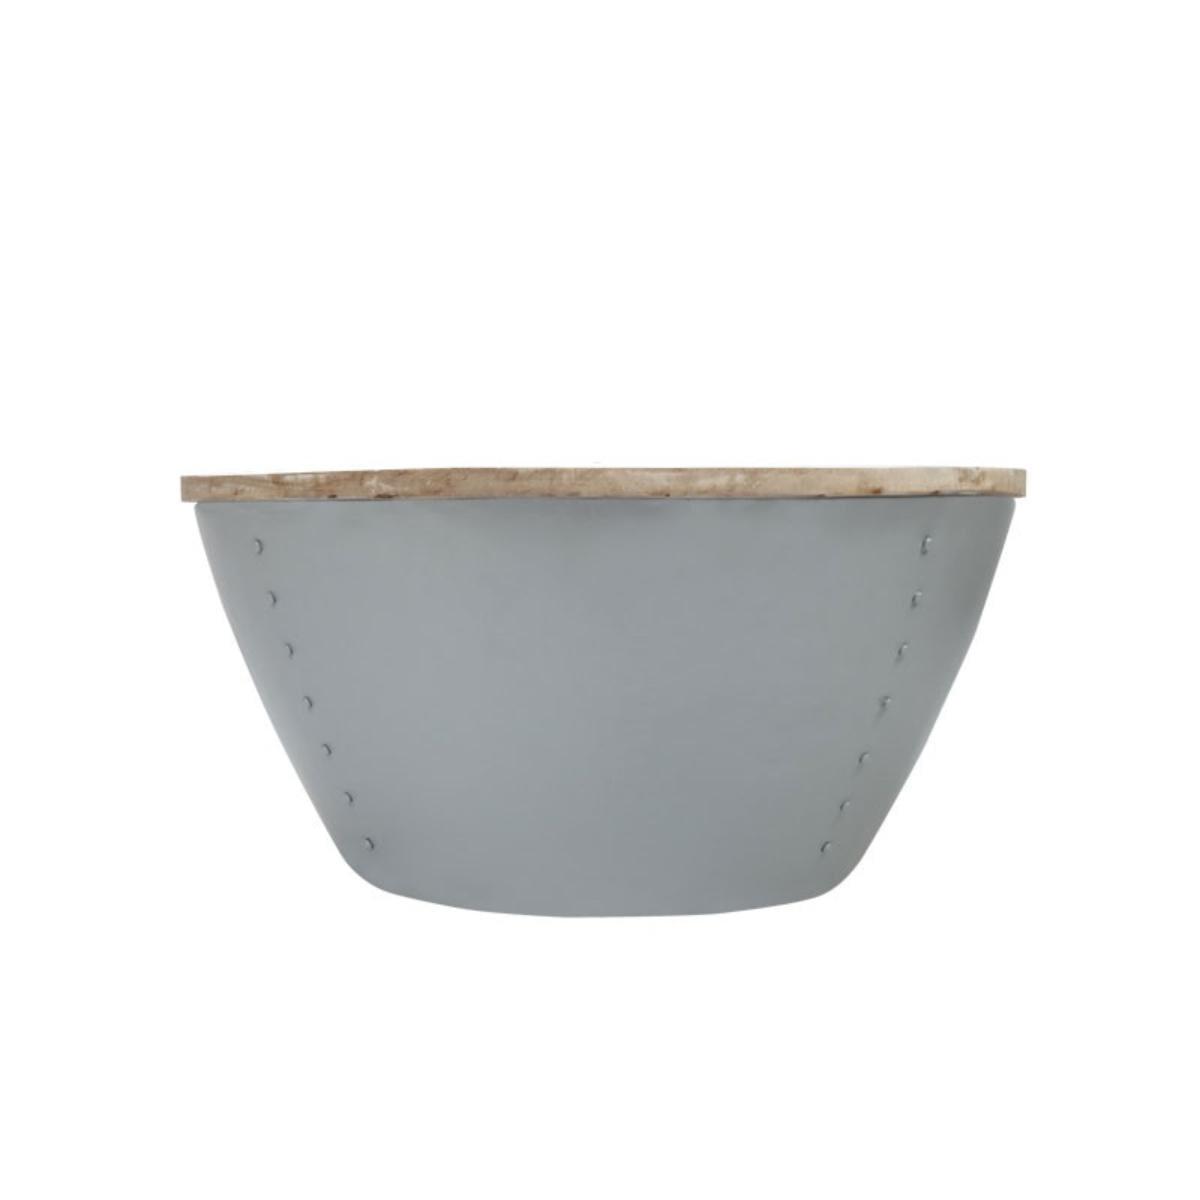 LABEL51 salontafel 'Indi XL', kleur Licht grijs Uitverkoop vergelijken doe je het voordeligst hier bij Meubelpartner